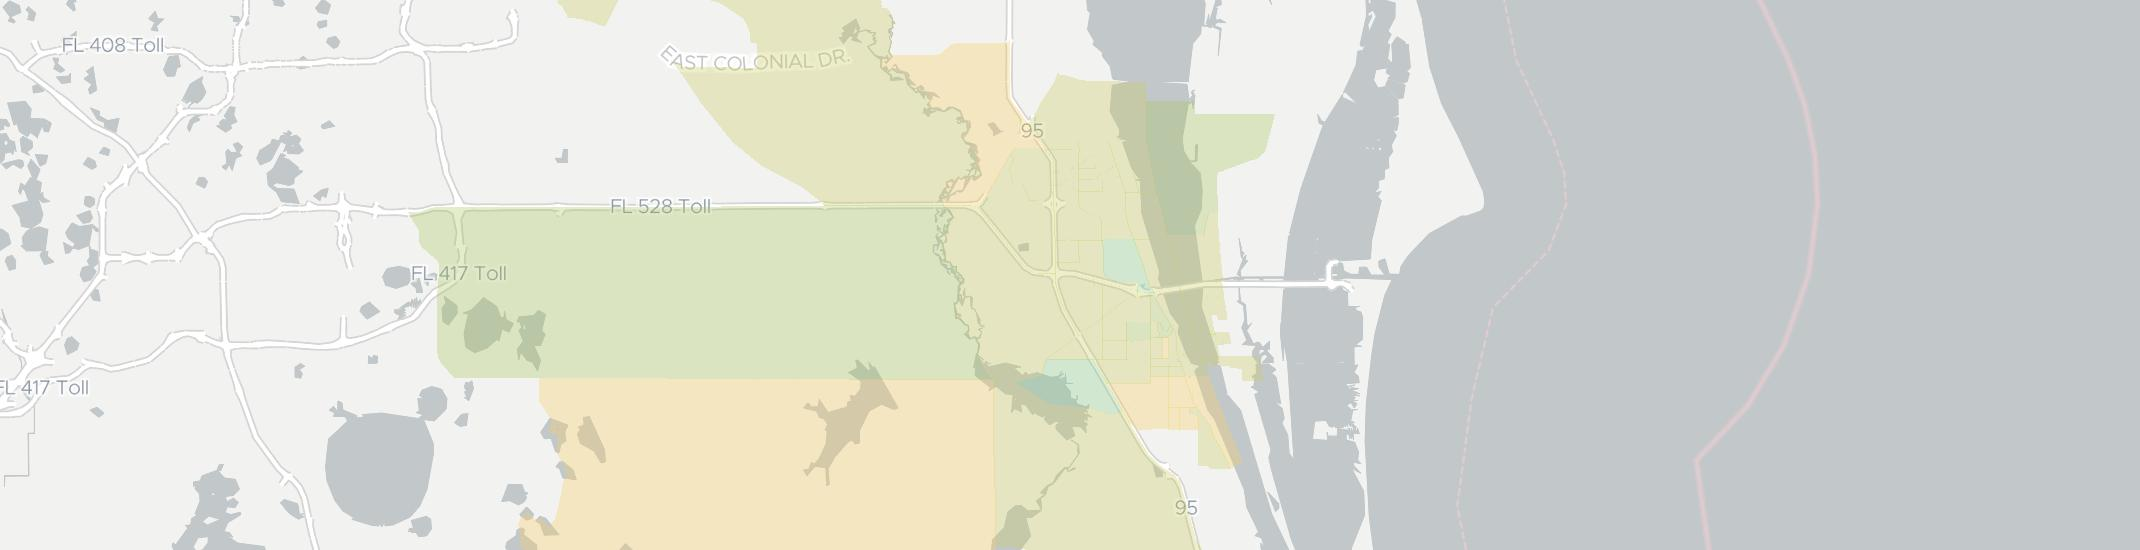 Cocoa Florida Map.Internet Providers In Cocoa Compare 15 Providers Broadbandnow Com